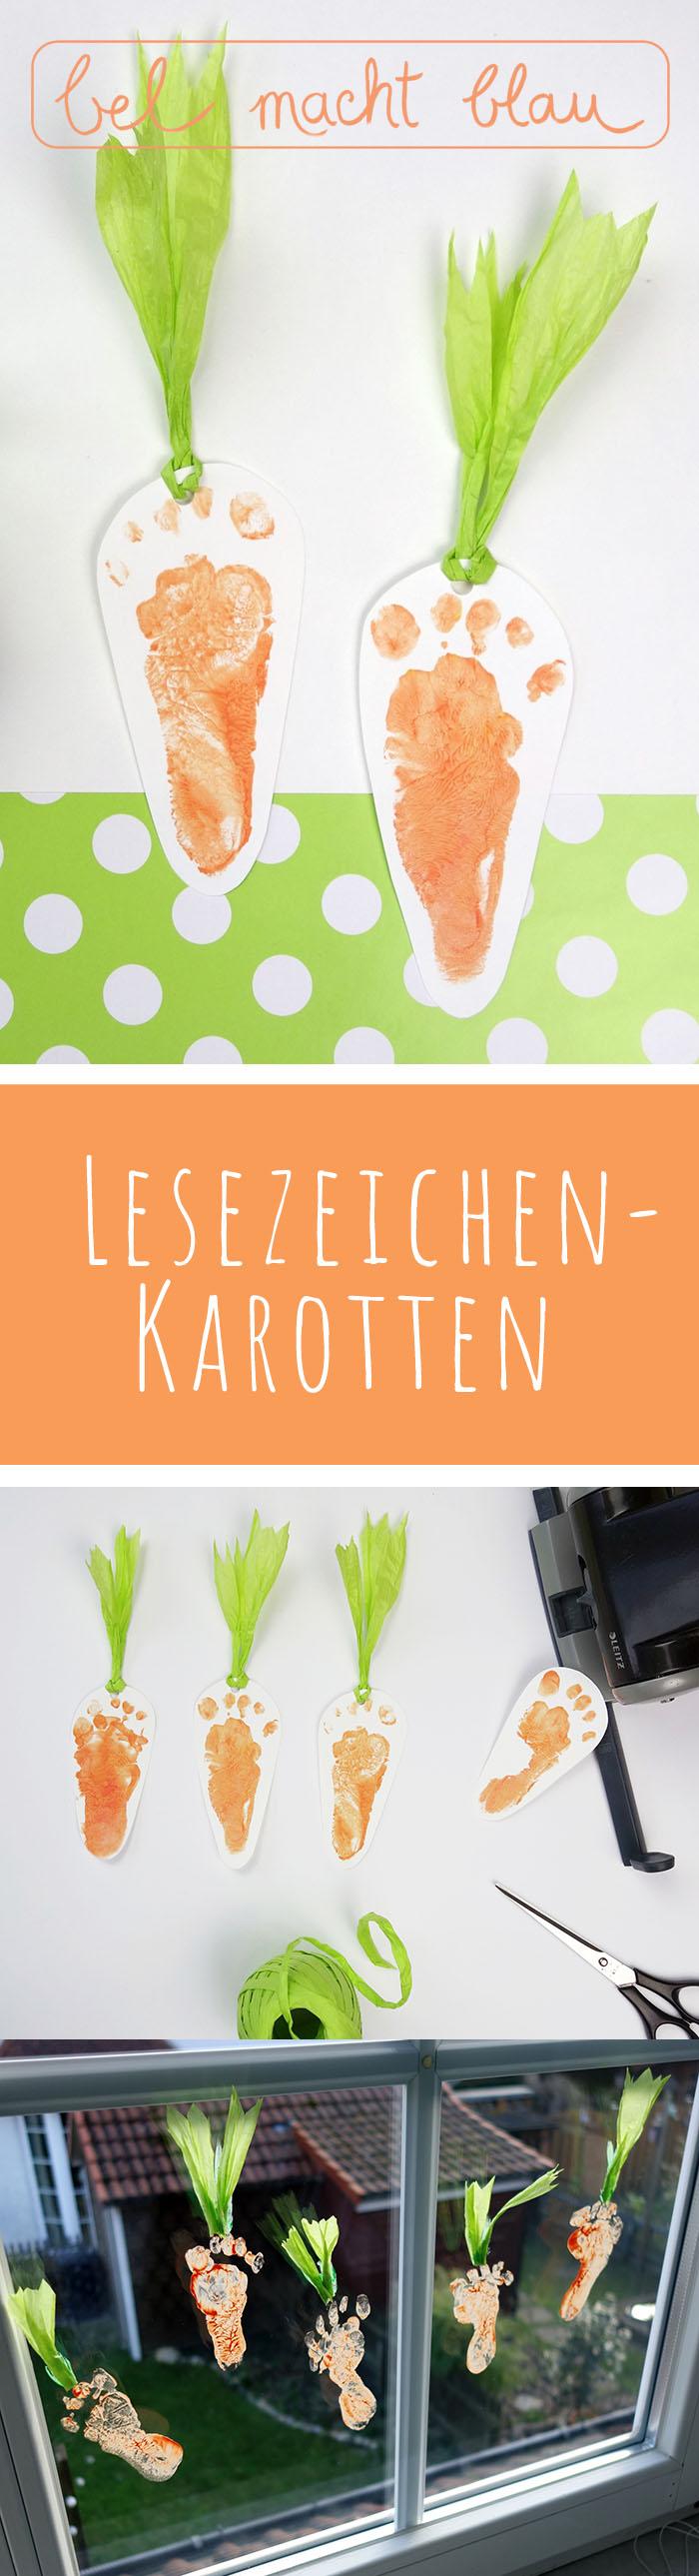 Füßchendruck: Lesezeichen-Karotten // Baby-Fußabdruck // Baby-Footprint carrots // Happy Easter!